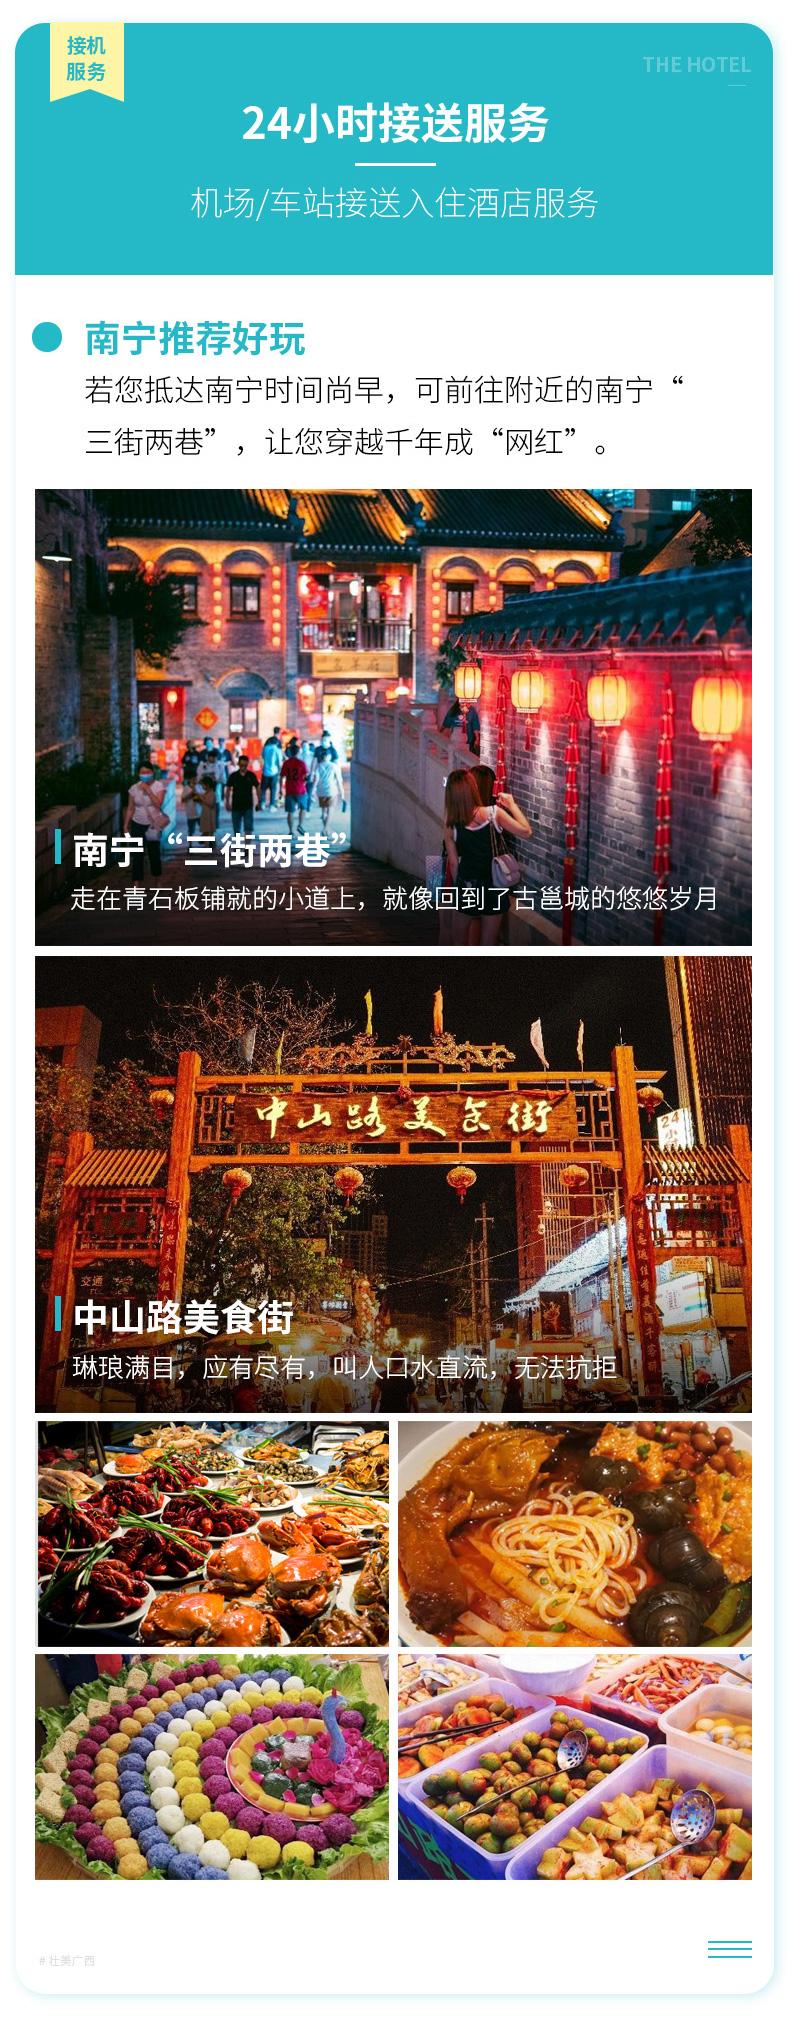 南宁-德天-通灵-4日游-详情页_09.jpg